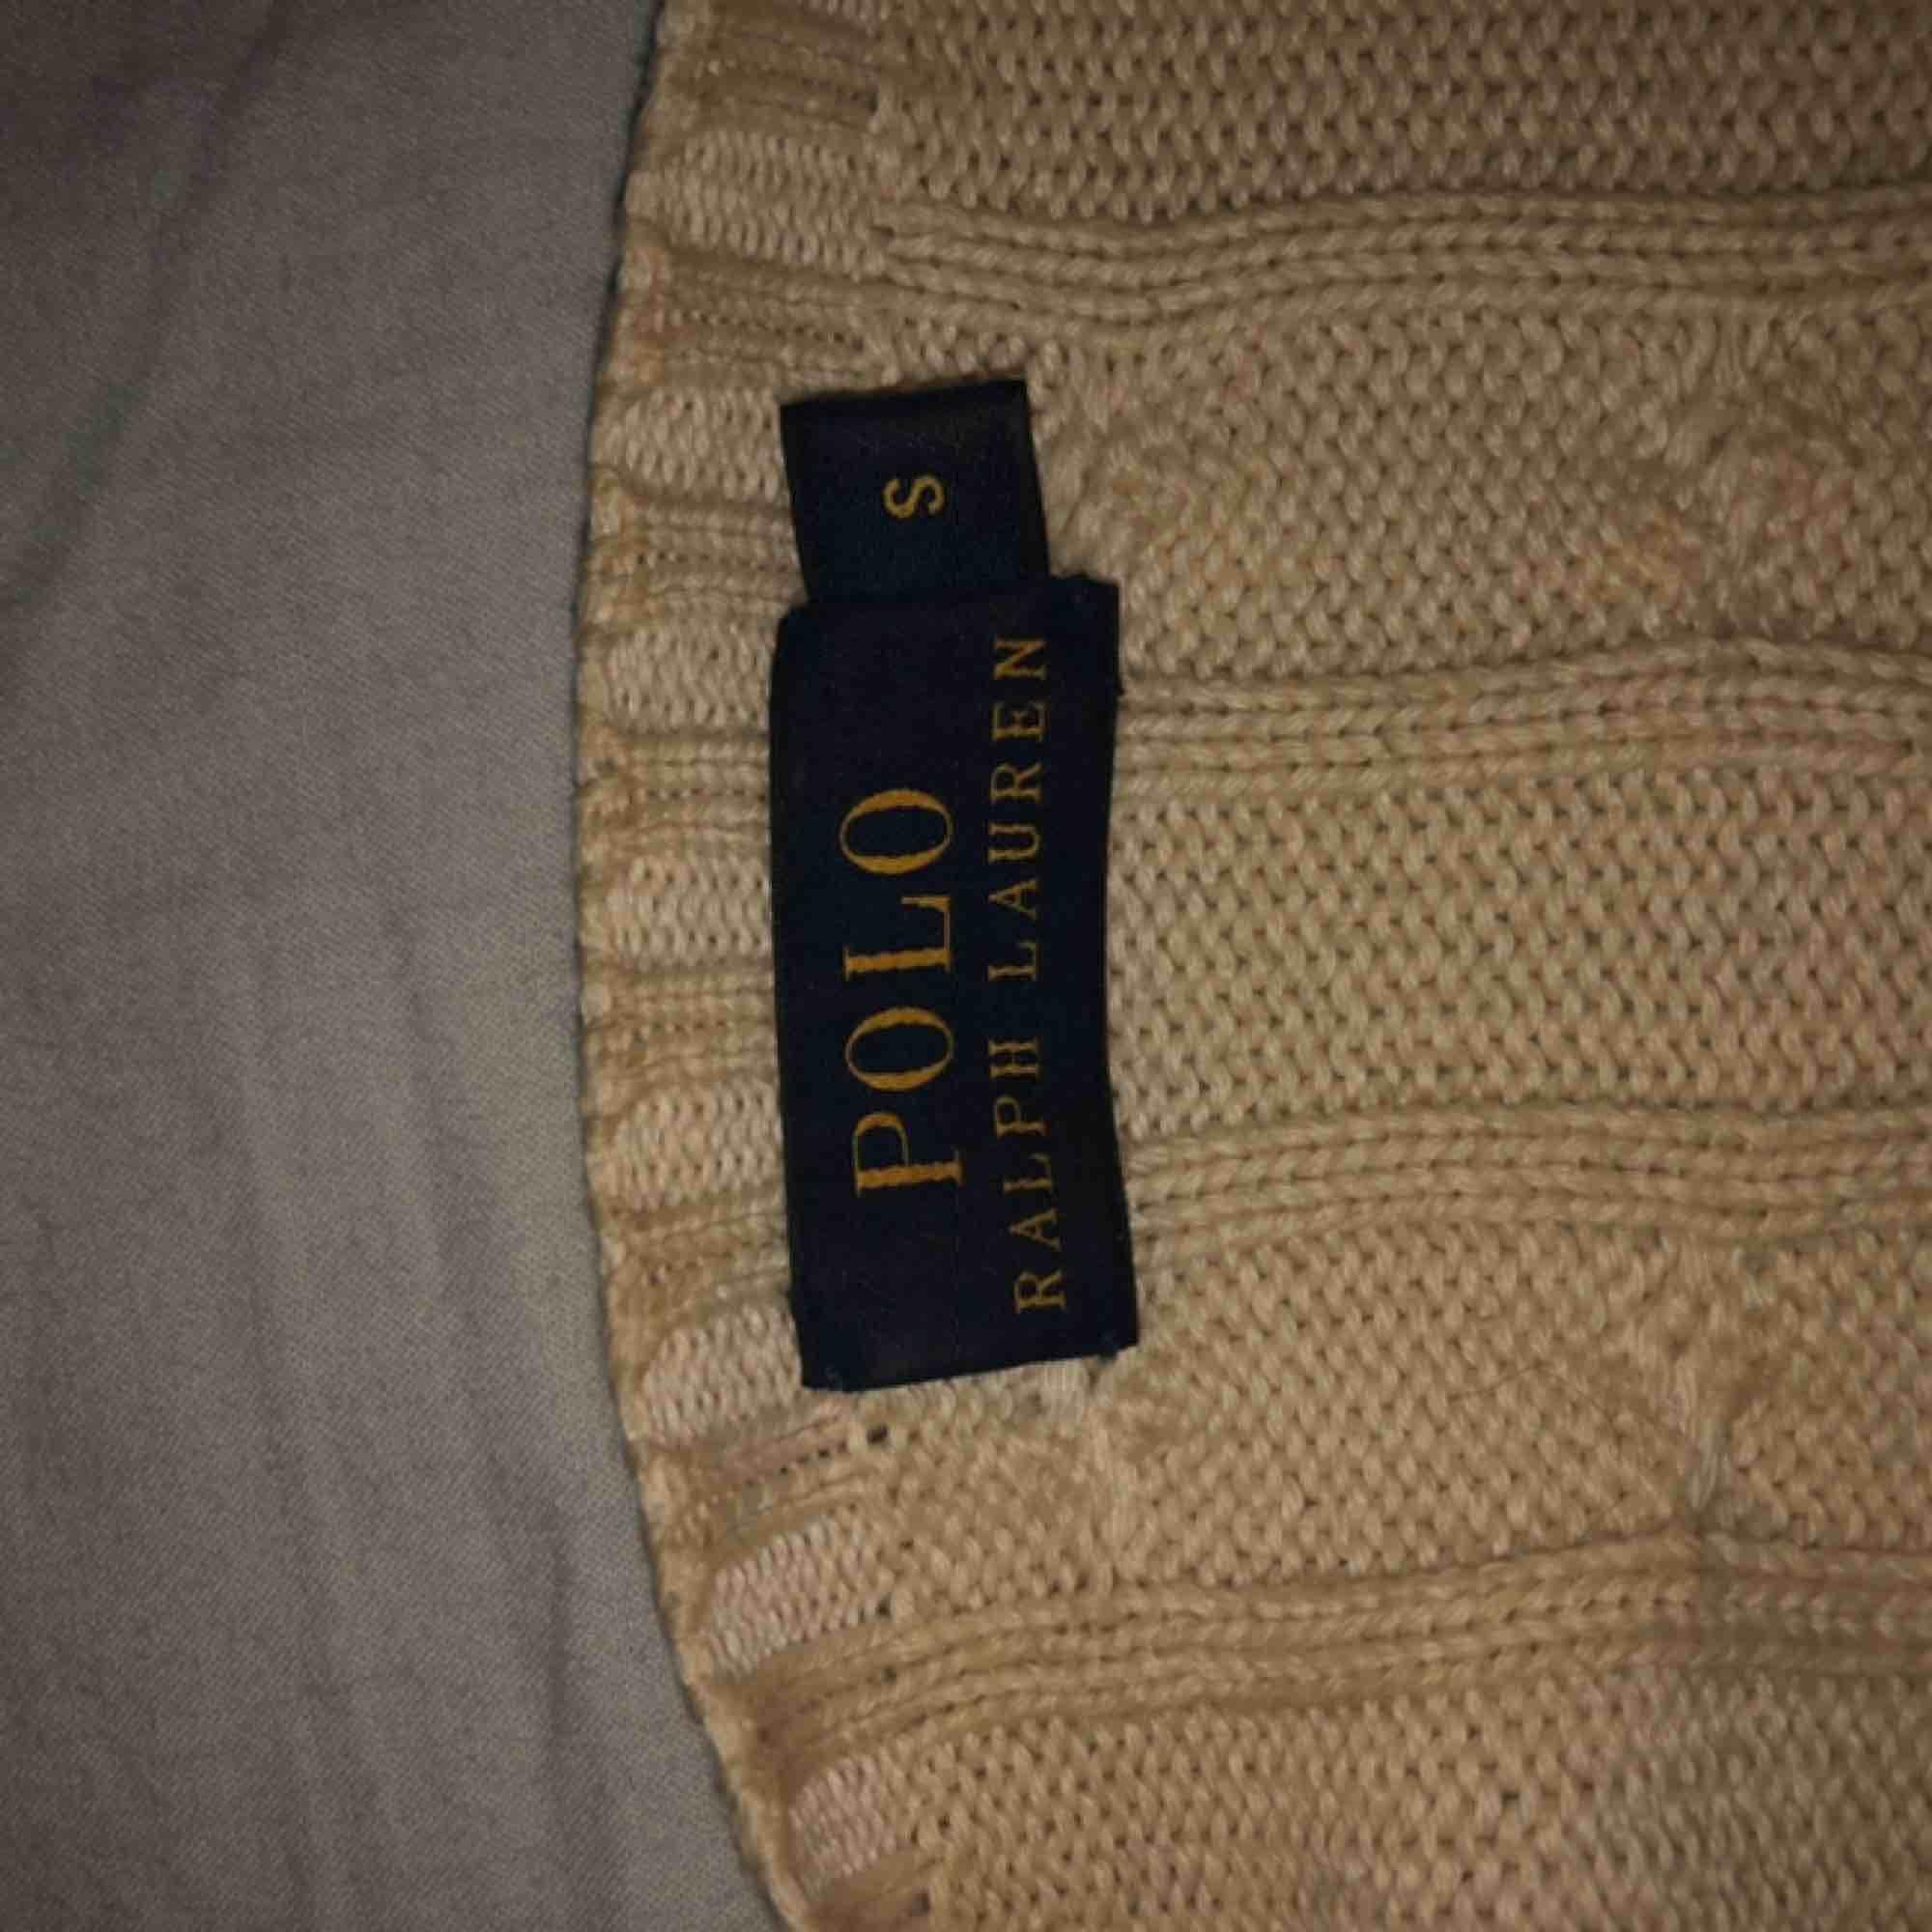 Säljer min trogna Polo Ralph Lauren tröja! Jättefin färg men tyvärr har passformen släppt och blivit ganska lös. En liten fläck mitt på tröjan men som knappt syns. Kan mötas upp i Uppsala annars står köparen för frakt!❤️. Stickat.